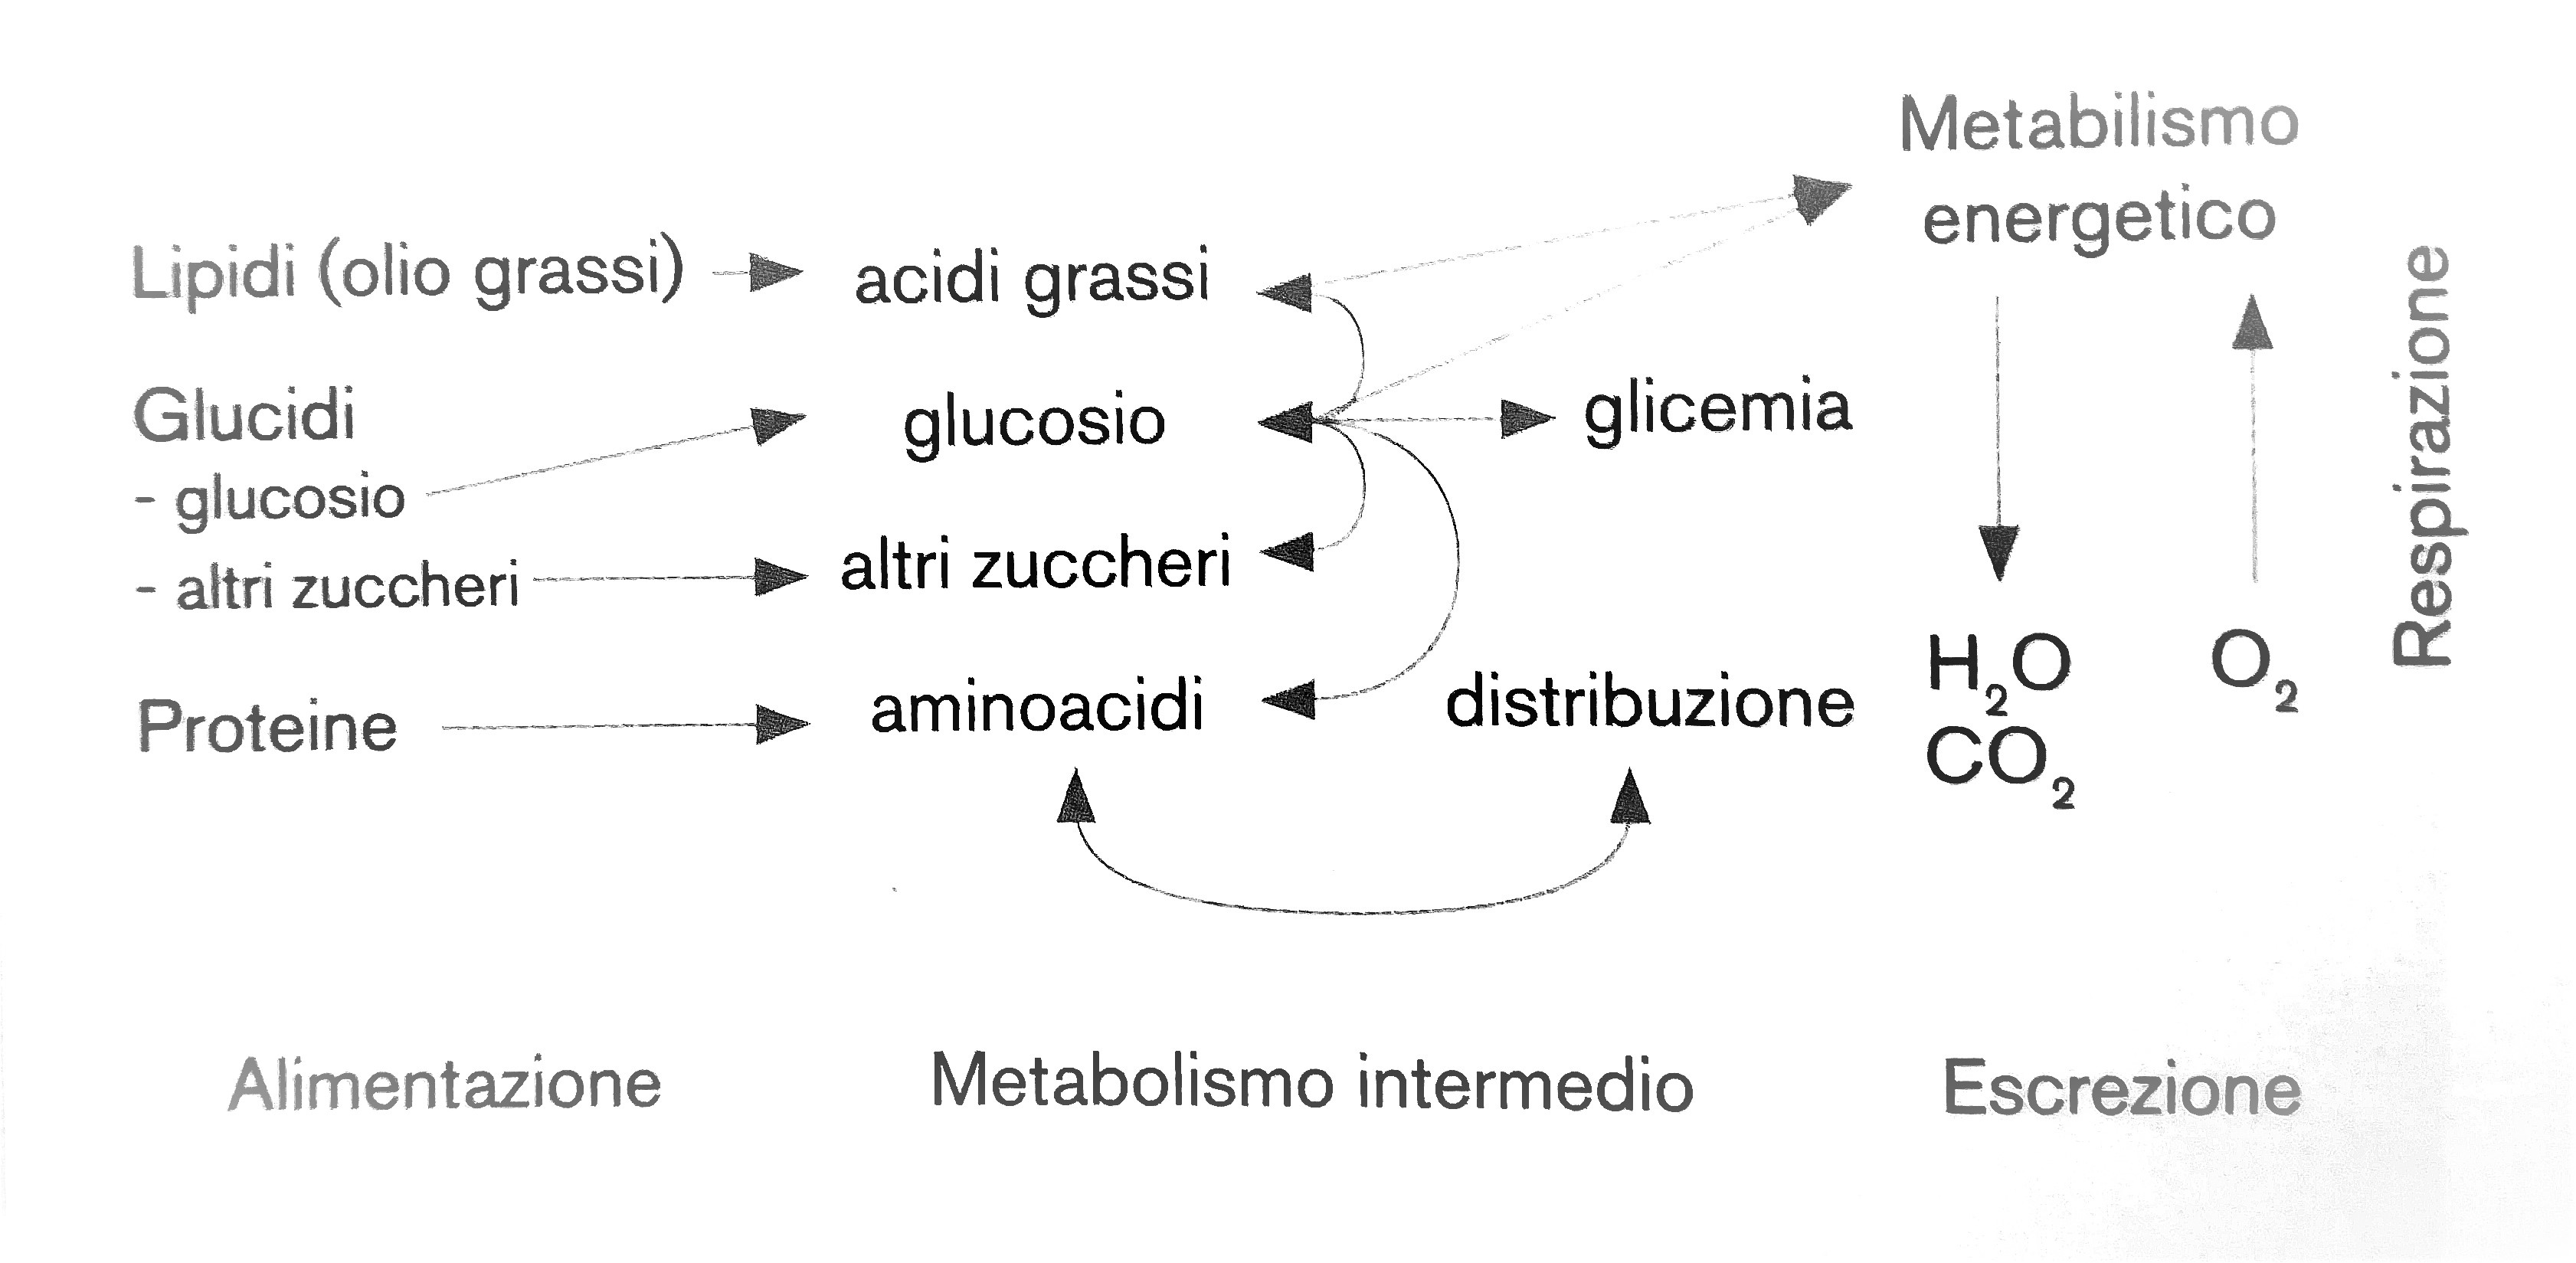 Il metabolismo energetico, istruzioni per l'uso - 365MTB..